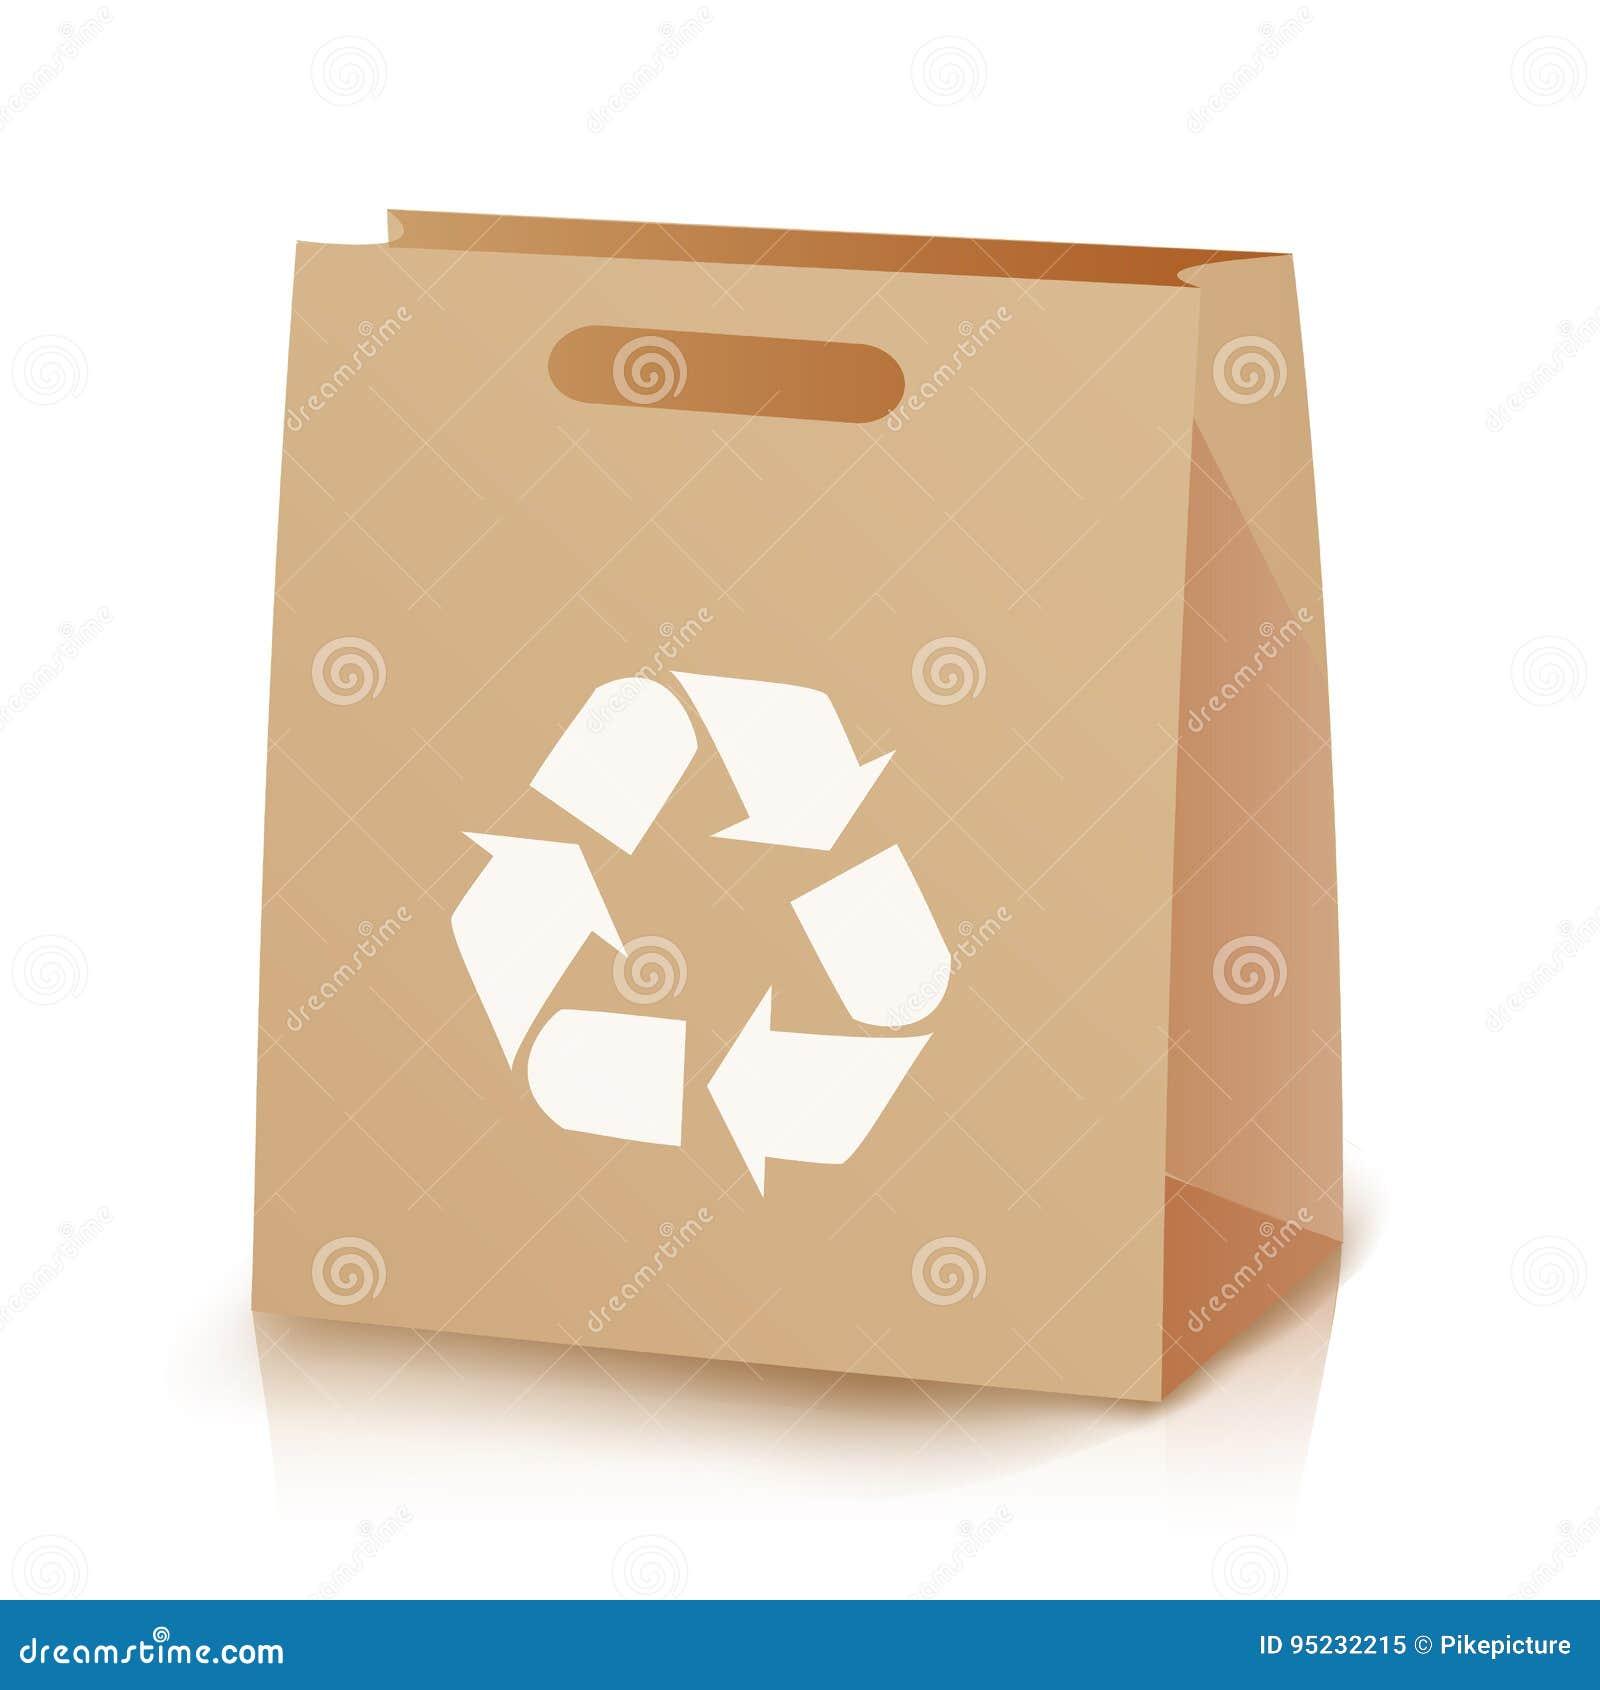 Recicle el bolso marrón de las compras Ejemplo de la bolsa de papel reciclada de Brown que hace compras con las manijas Reciclaje